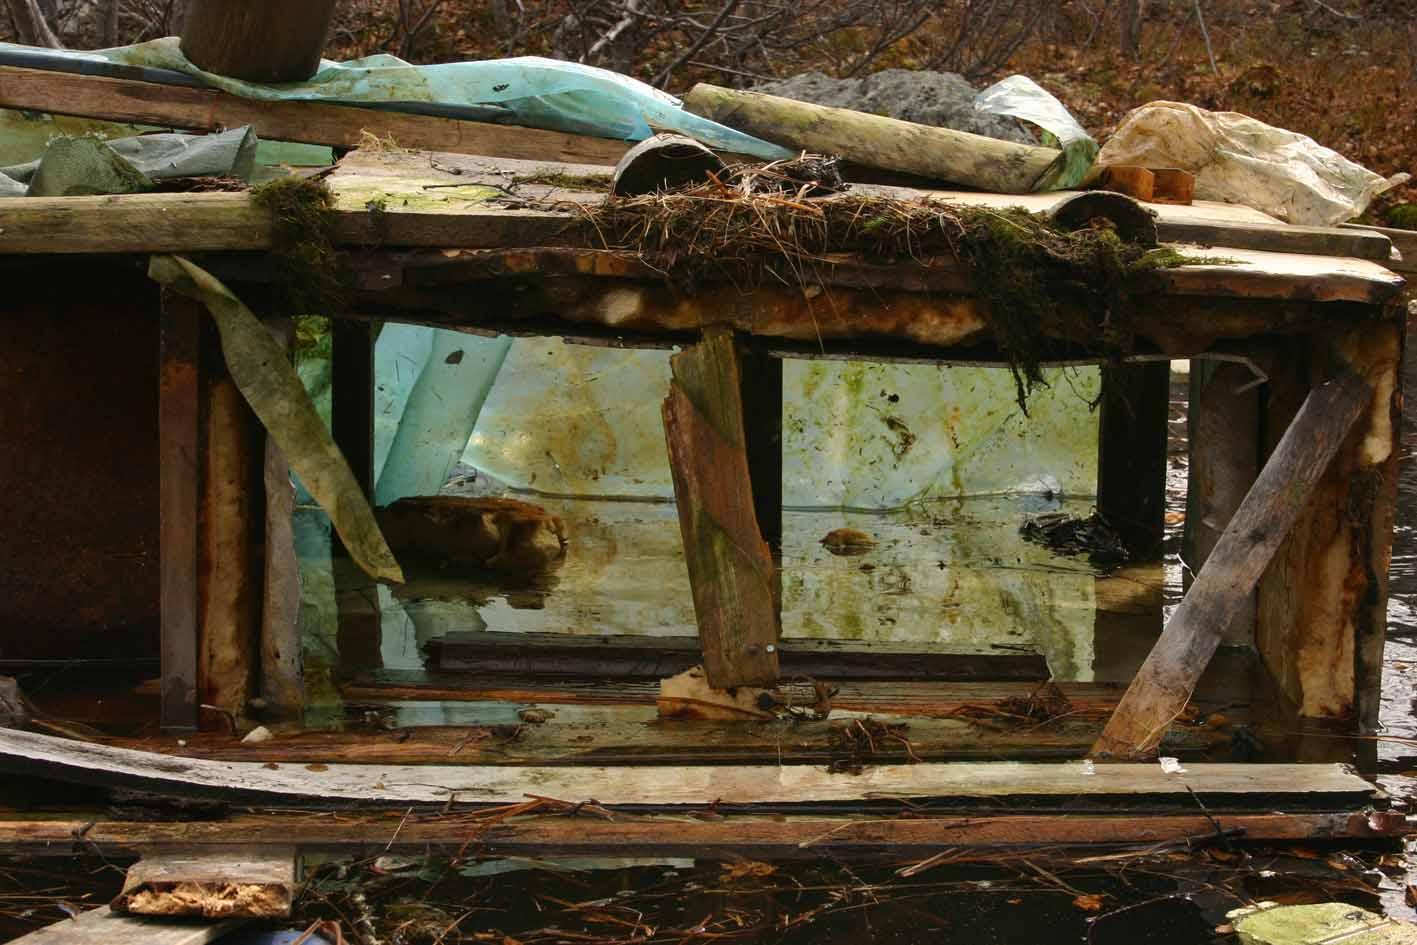 video still, Kilpisjärvi Biological Station, 2010, Jane Hughes